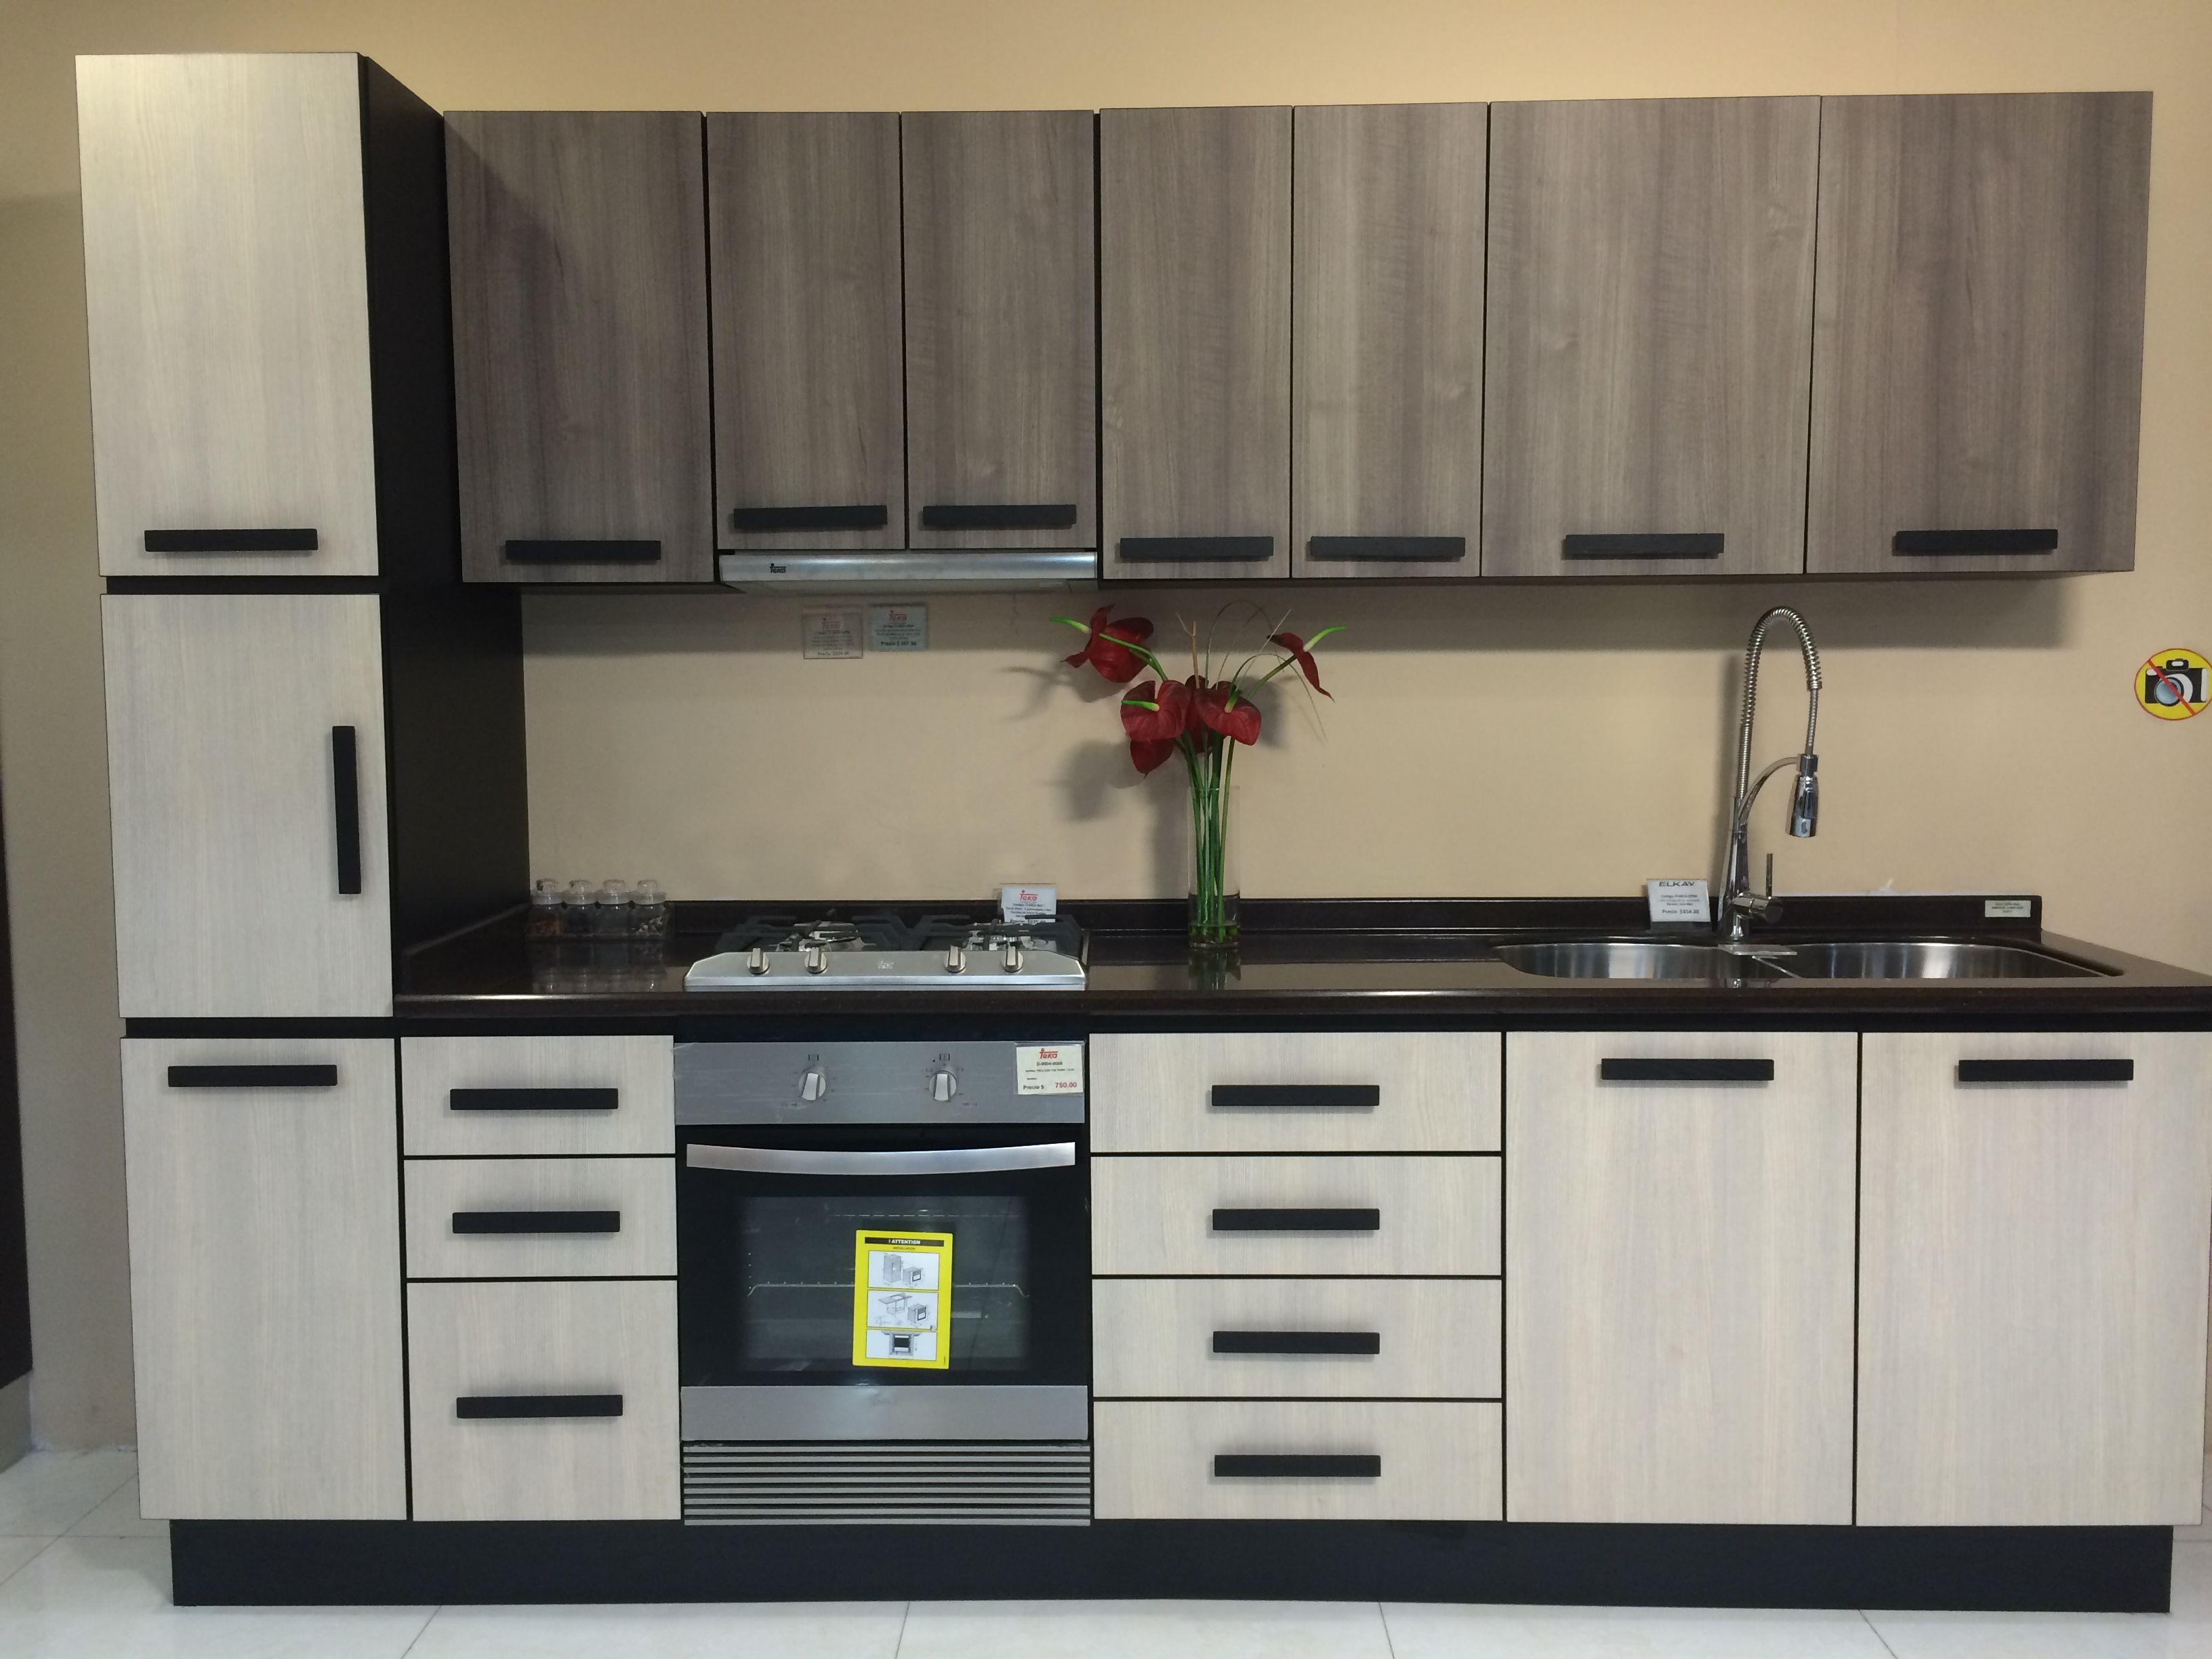 Cocina en laminado decorativo puertas cuadradas con - Laminado para cocina ...